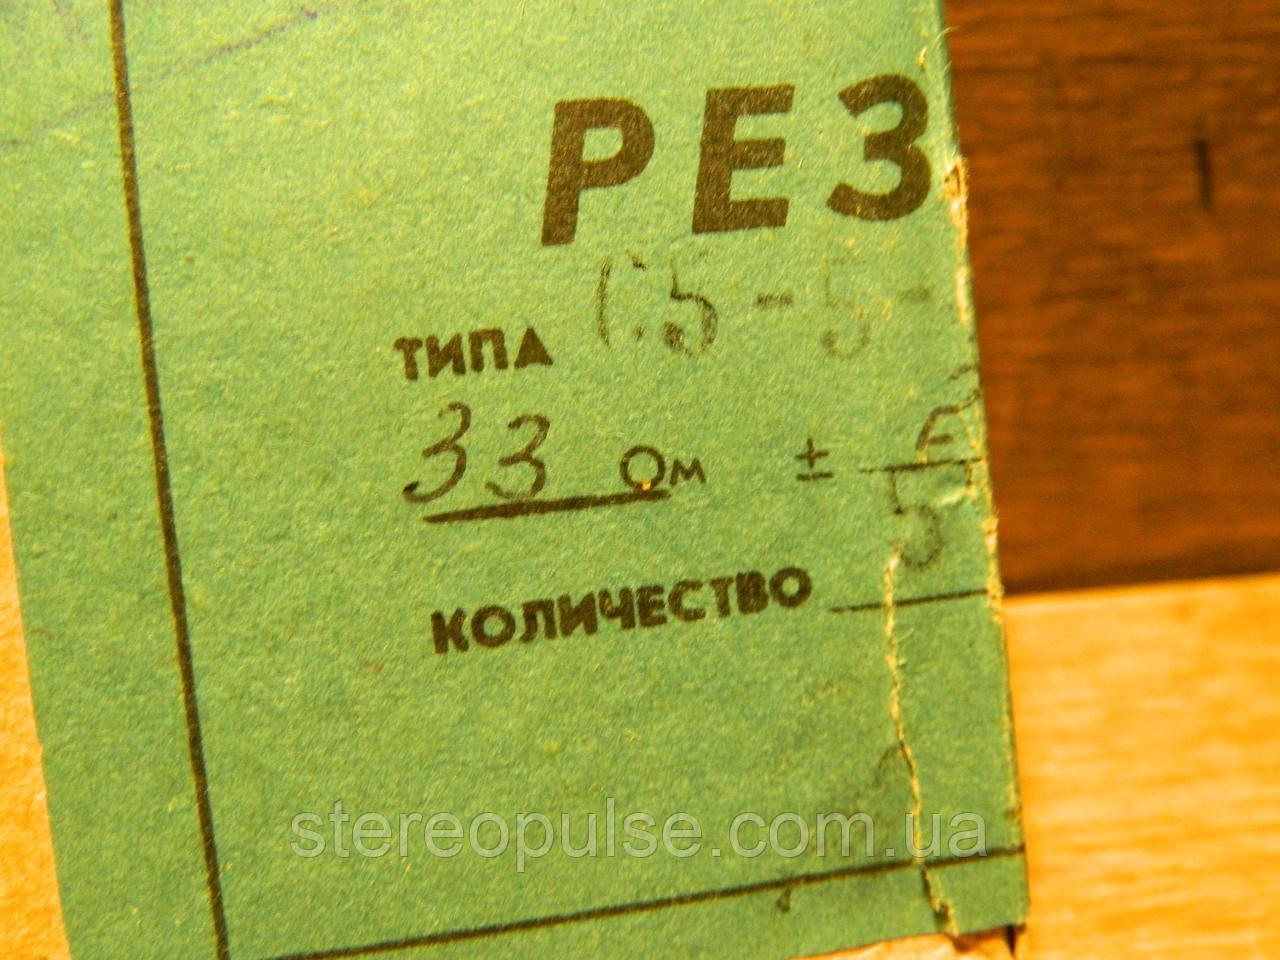 Резистор  С5- 5 33 Ом 2%  10 вт